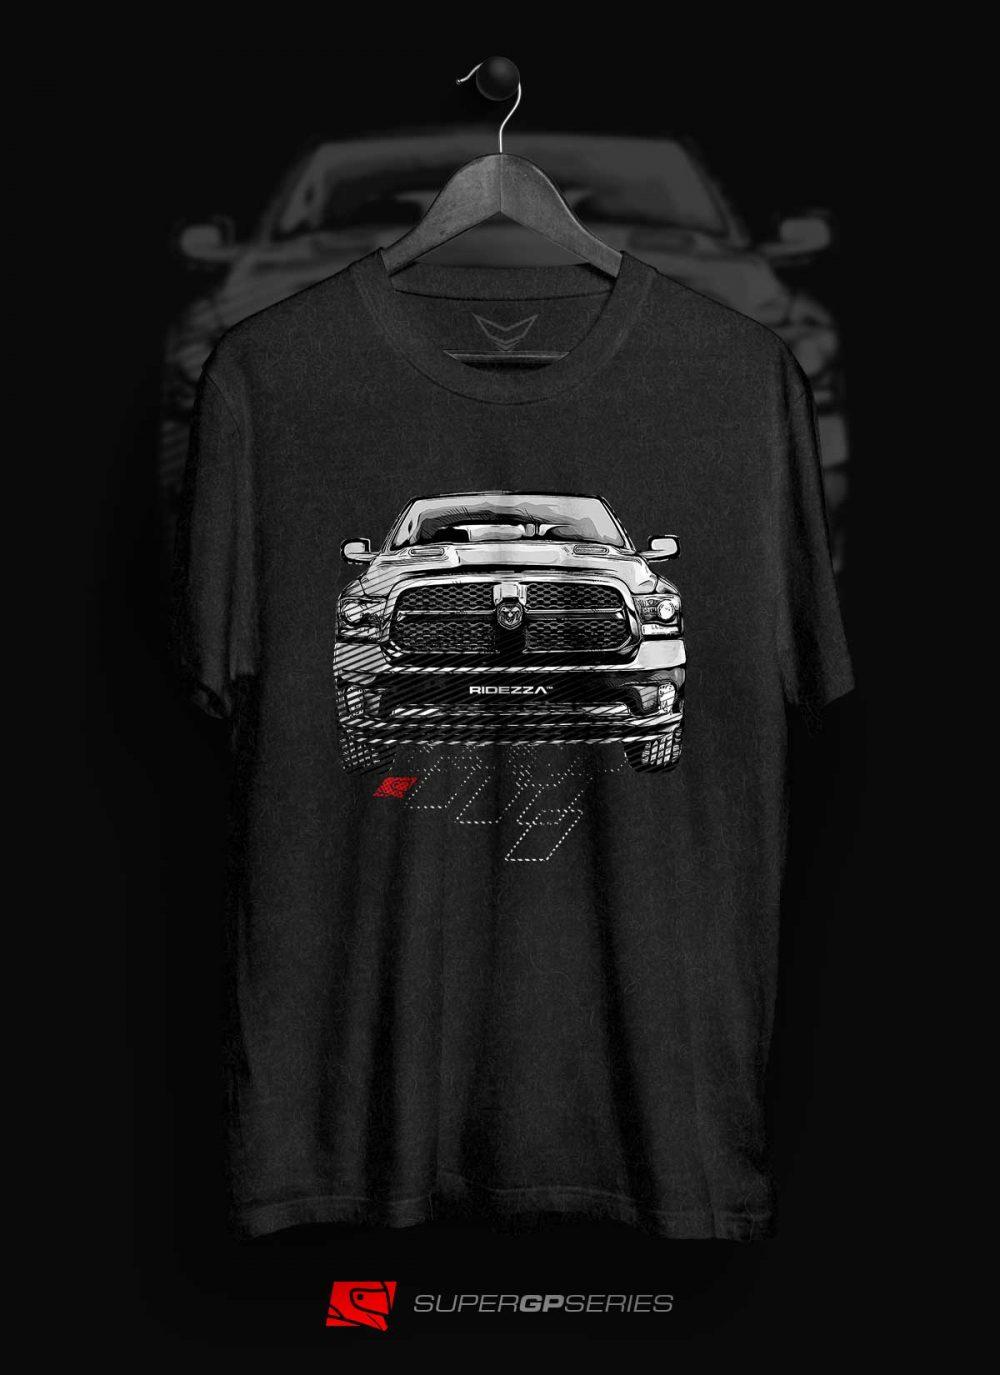 Dodge RAM SuperGP Series T-Shirt